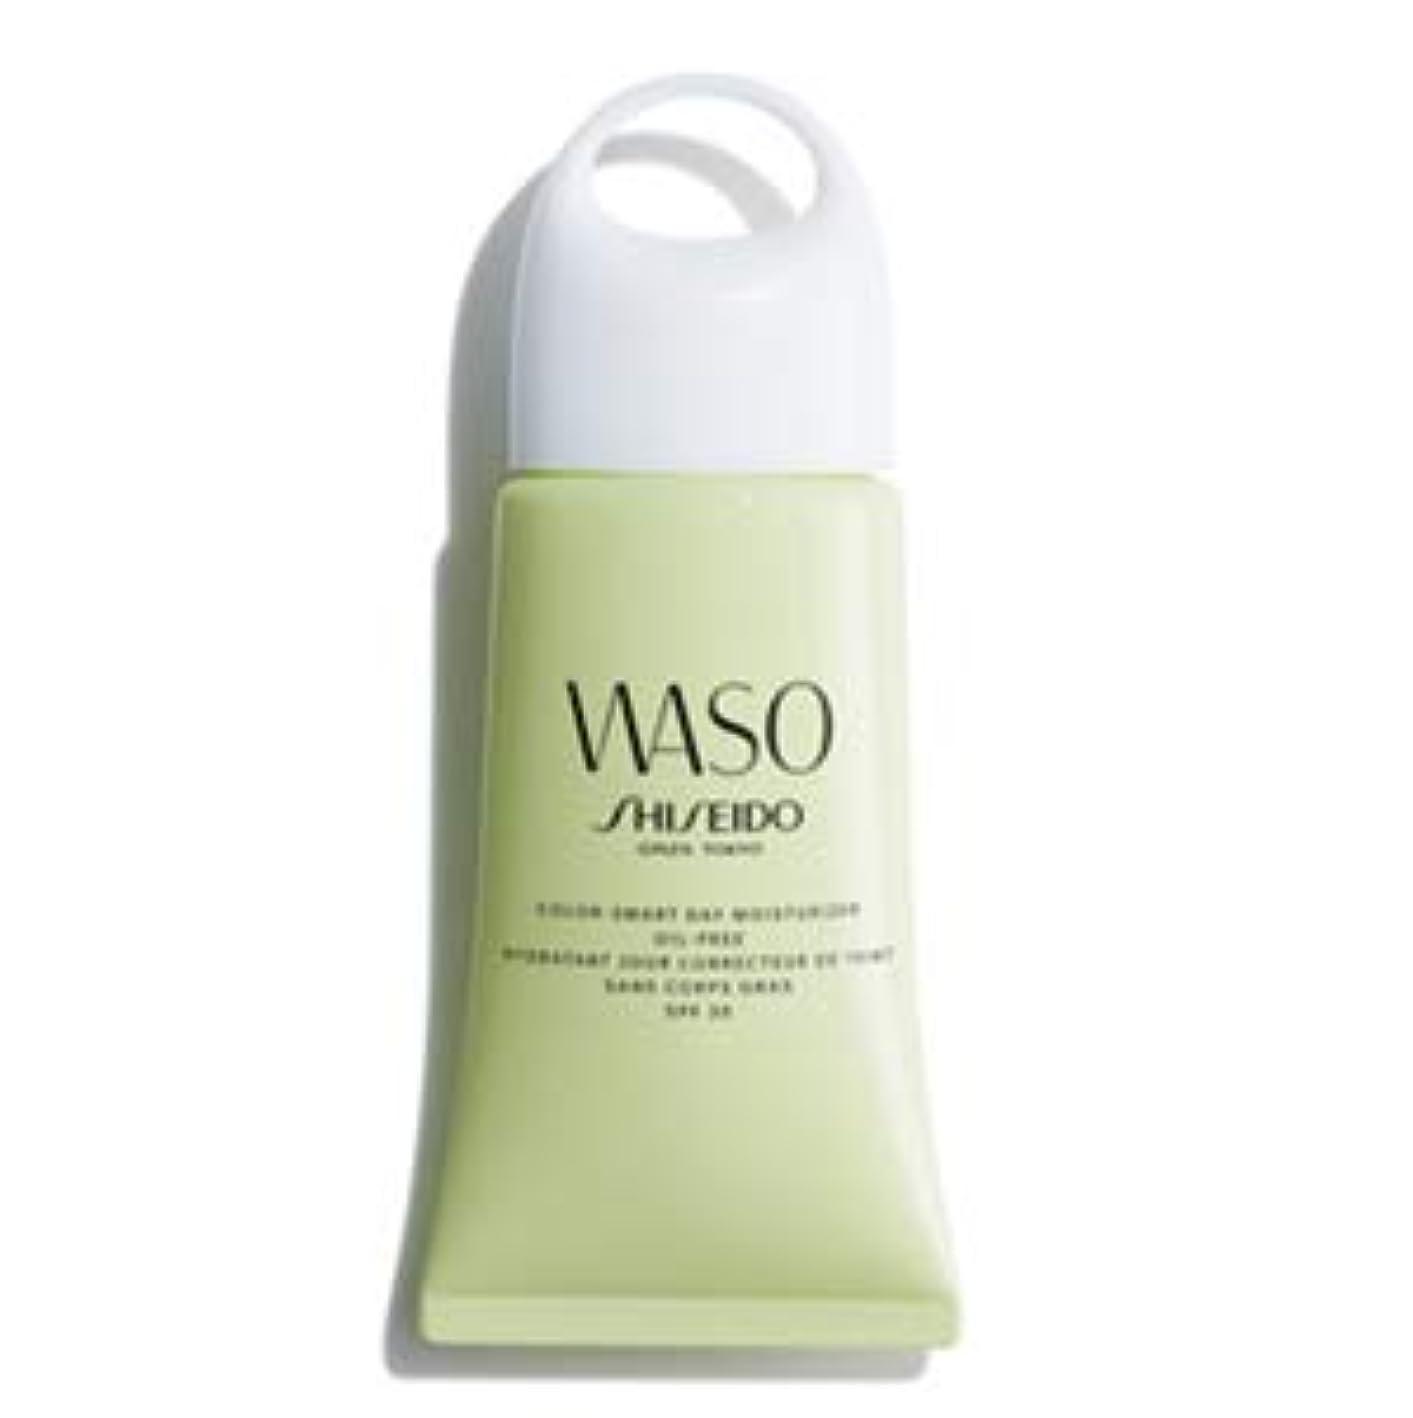 雰囲気留まる偽WASO(ワソウ) カラー スマート デー モイスチャライザー オイルフリー PA+++ / SPF30 (日中用乳液)_55g